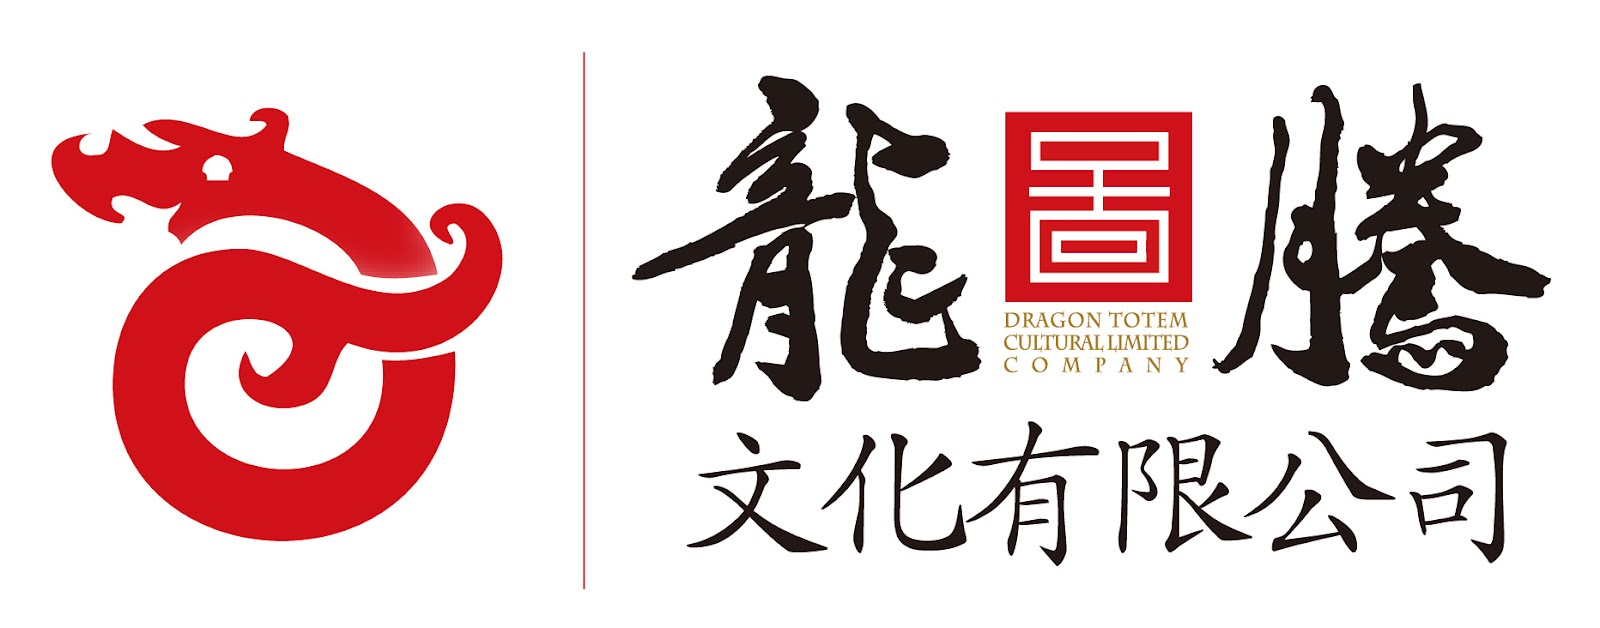 龍圖騰文化BLOG: 二月 2012